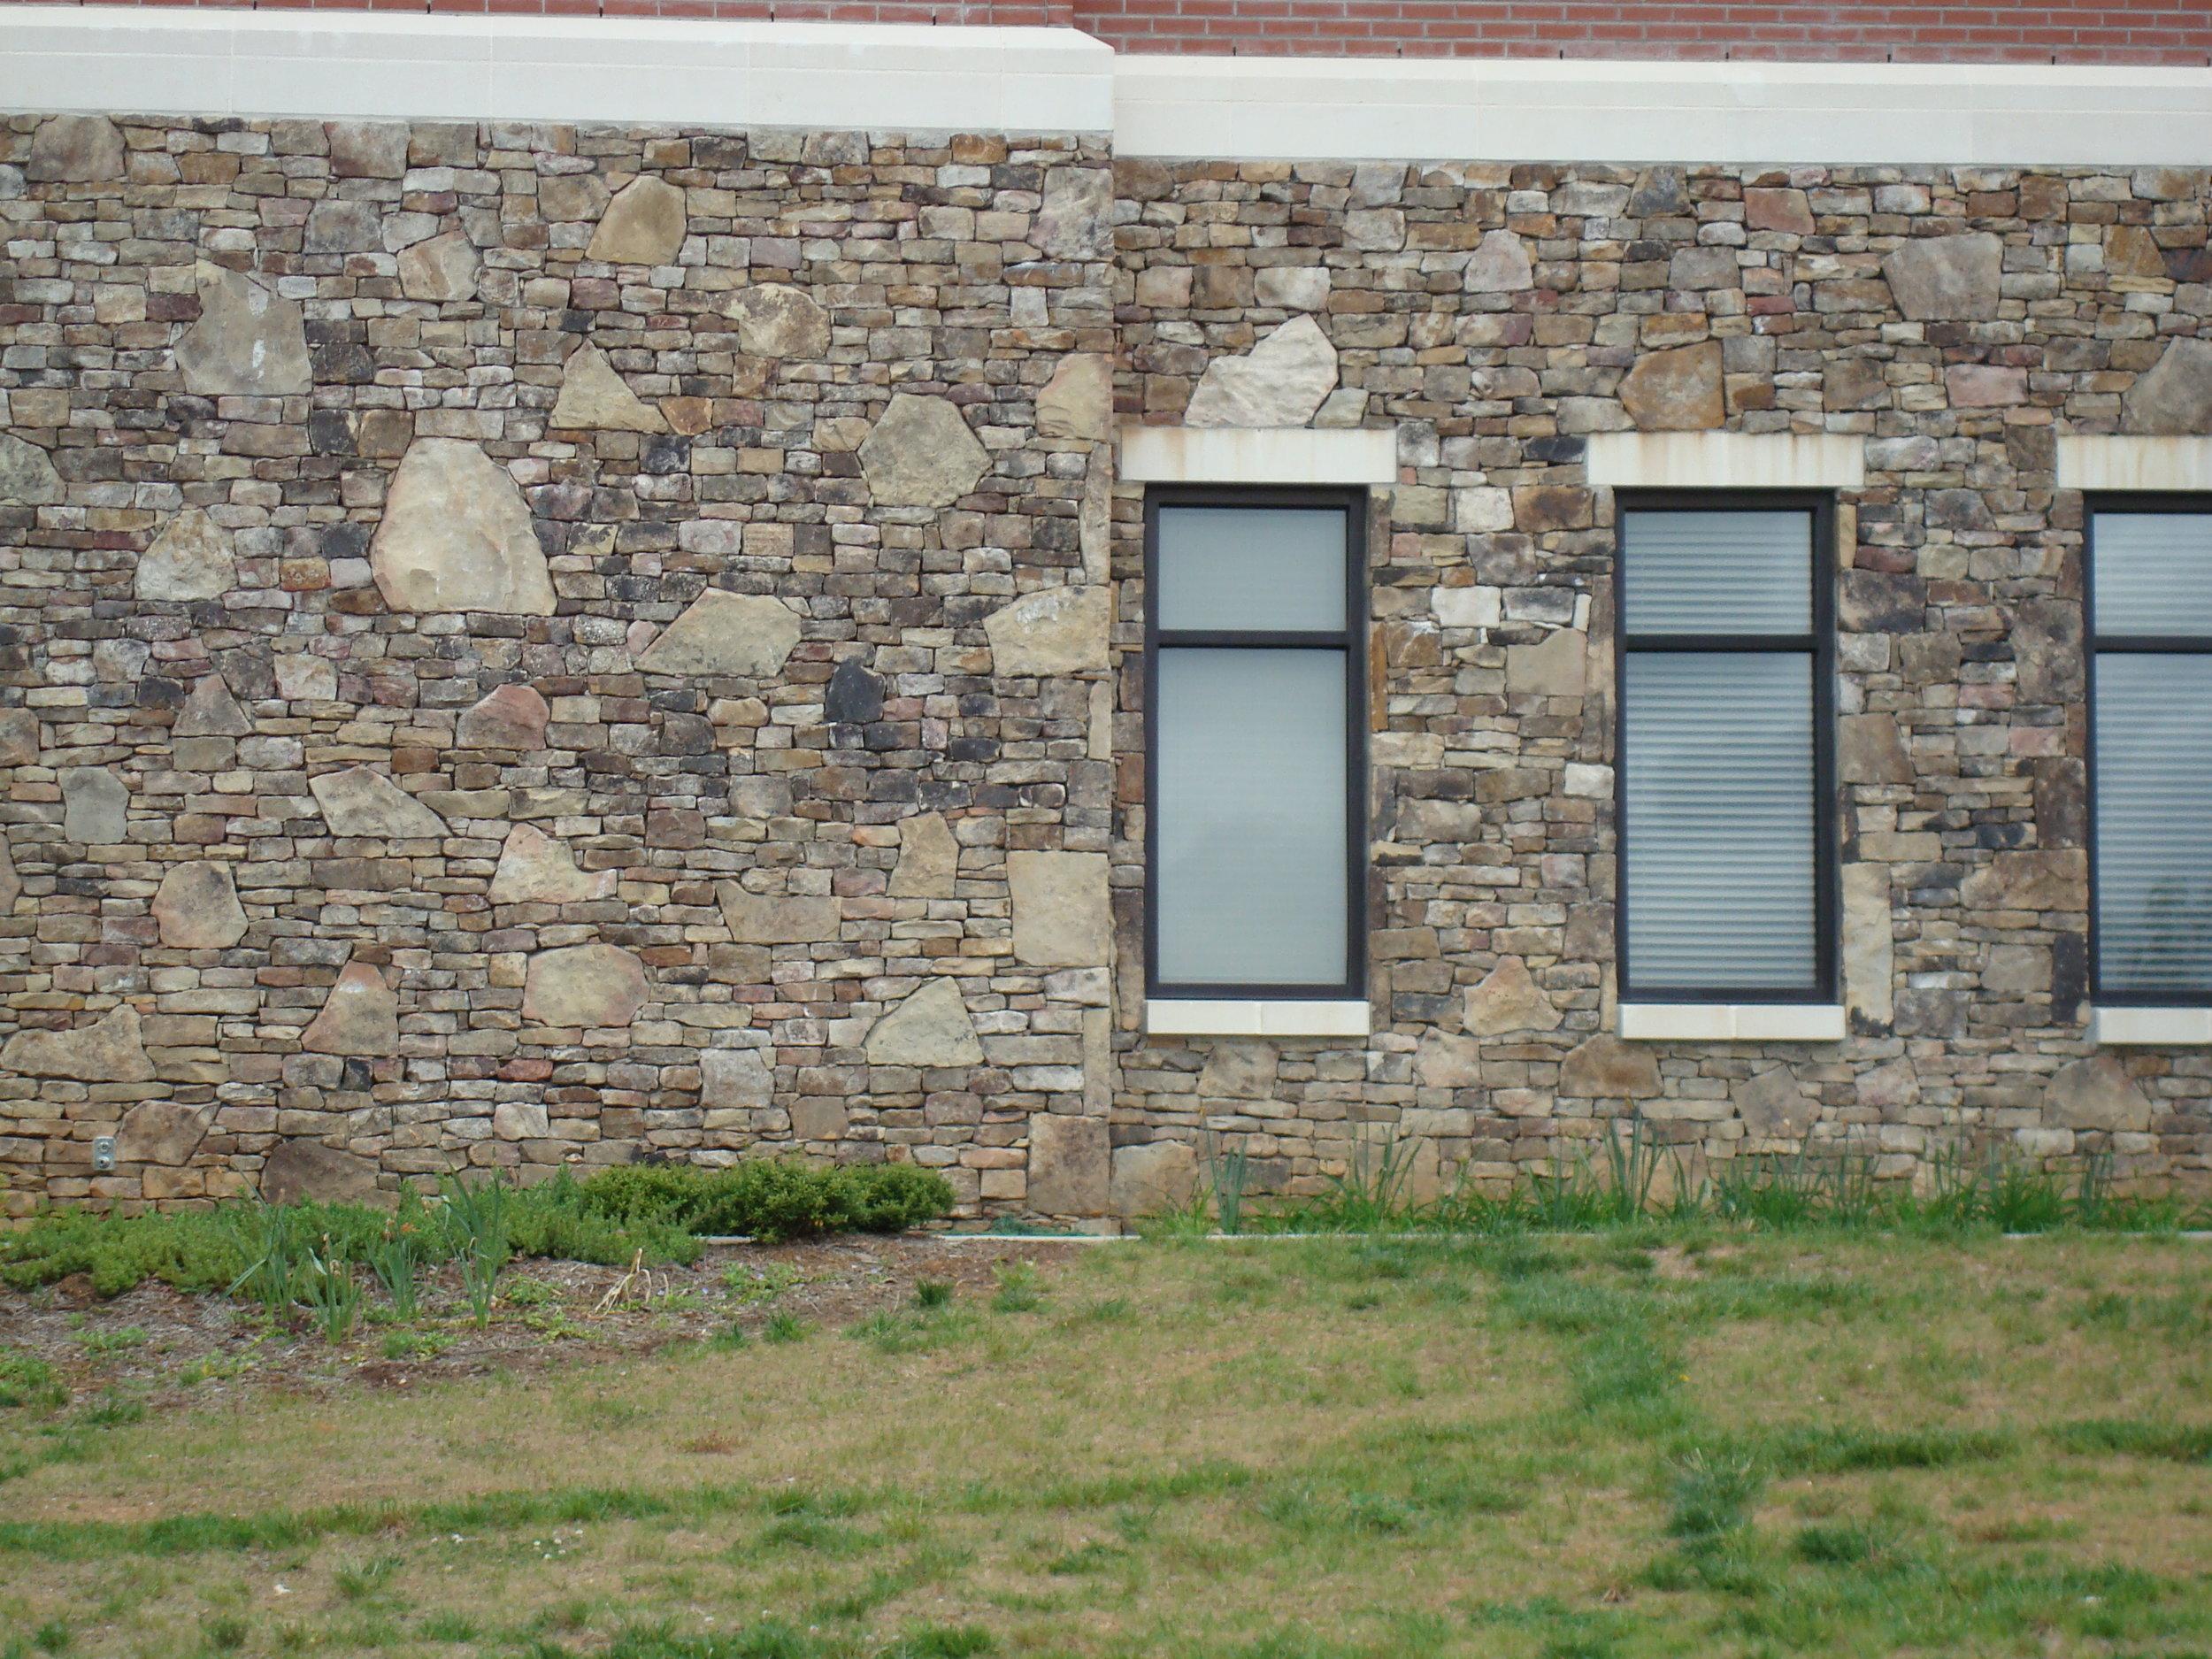 Medium Fieldstone Wall Installation